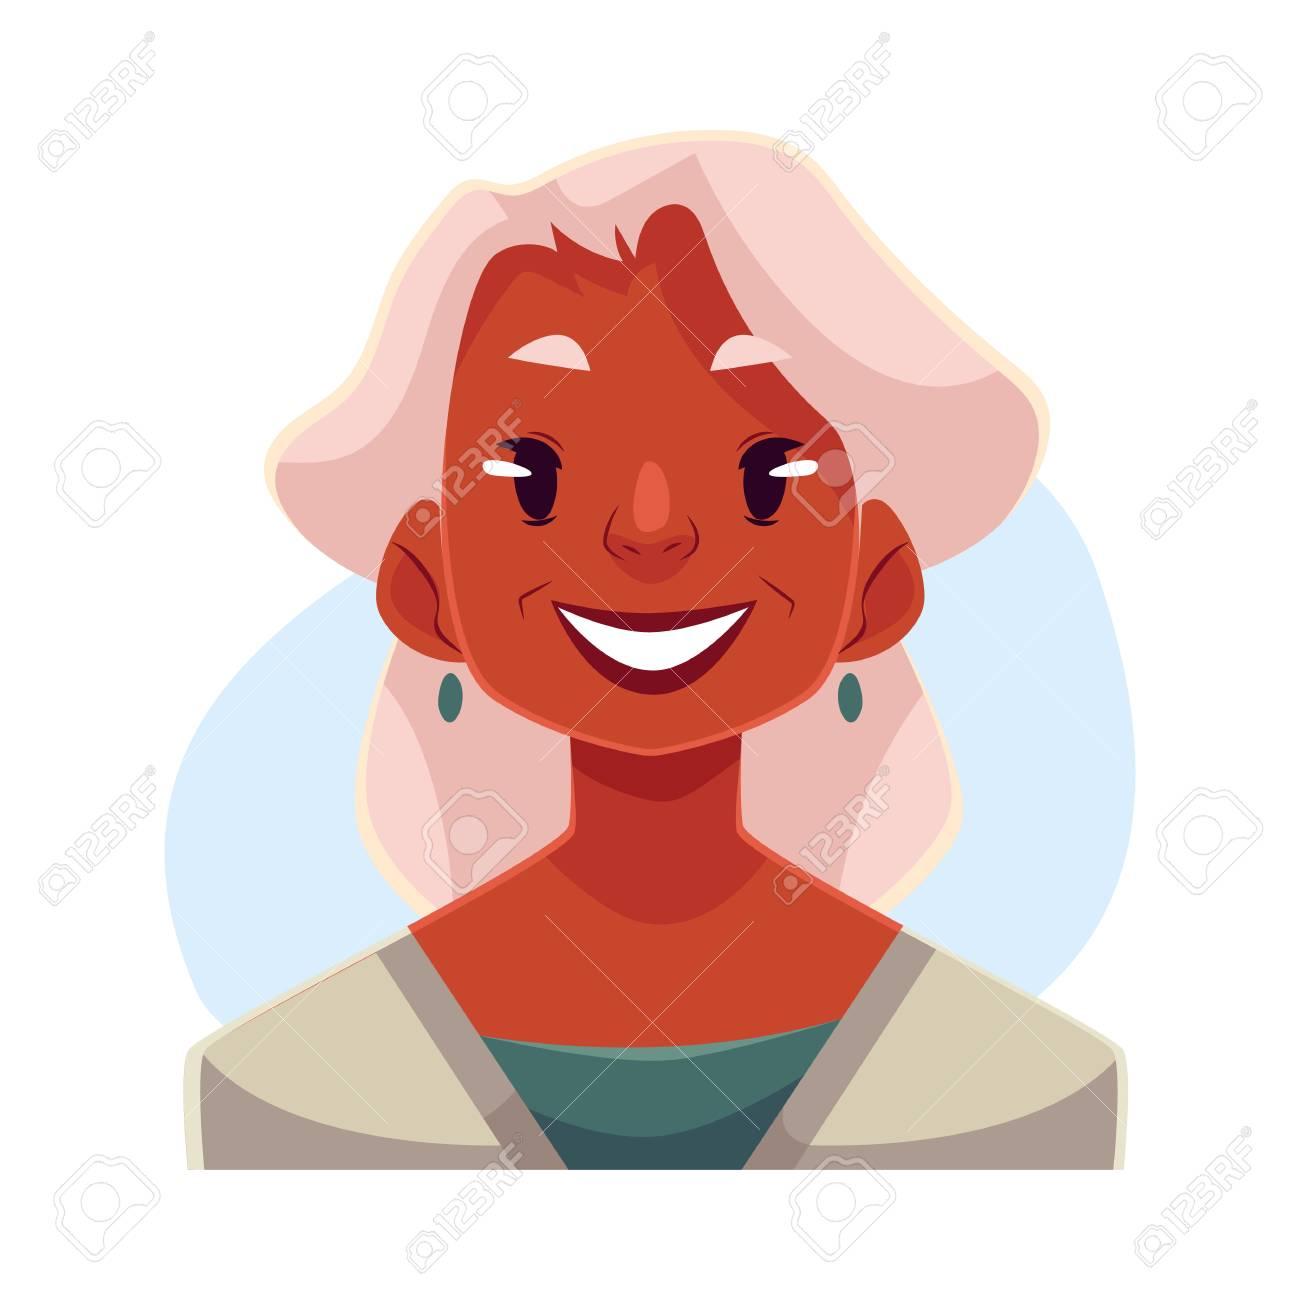 髪の古いアフリカ女性、顔の表情を笑顔を灰色、青の背景に分離された